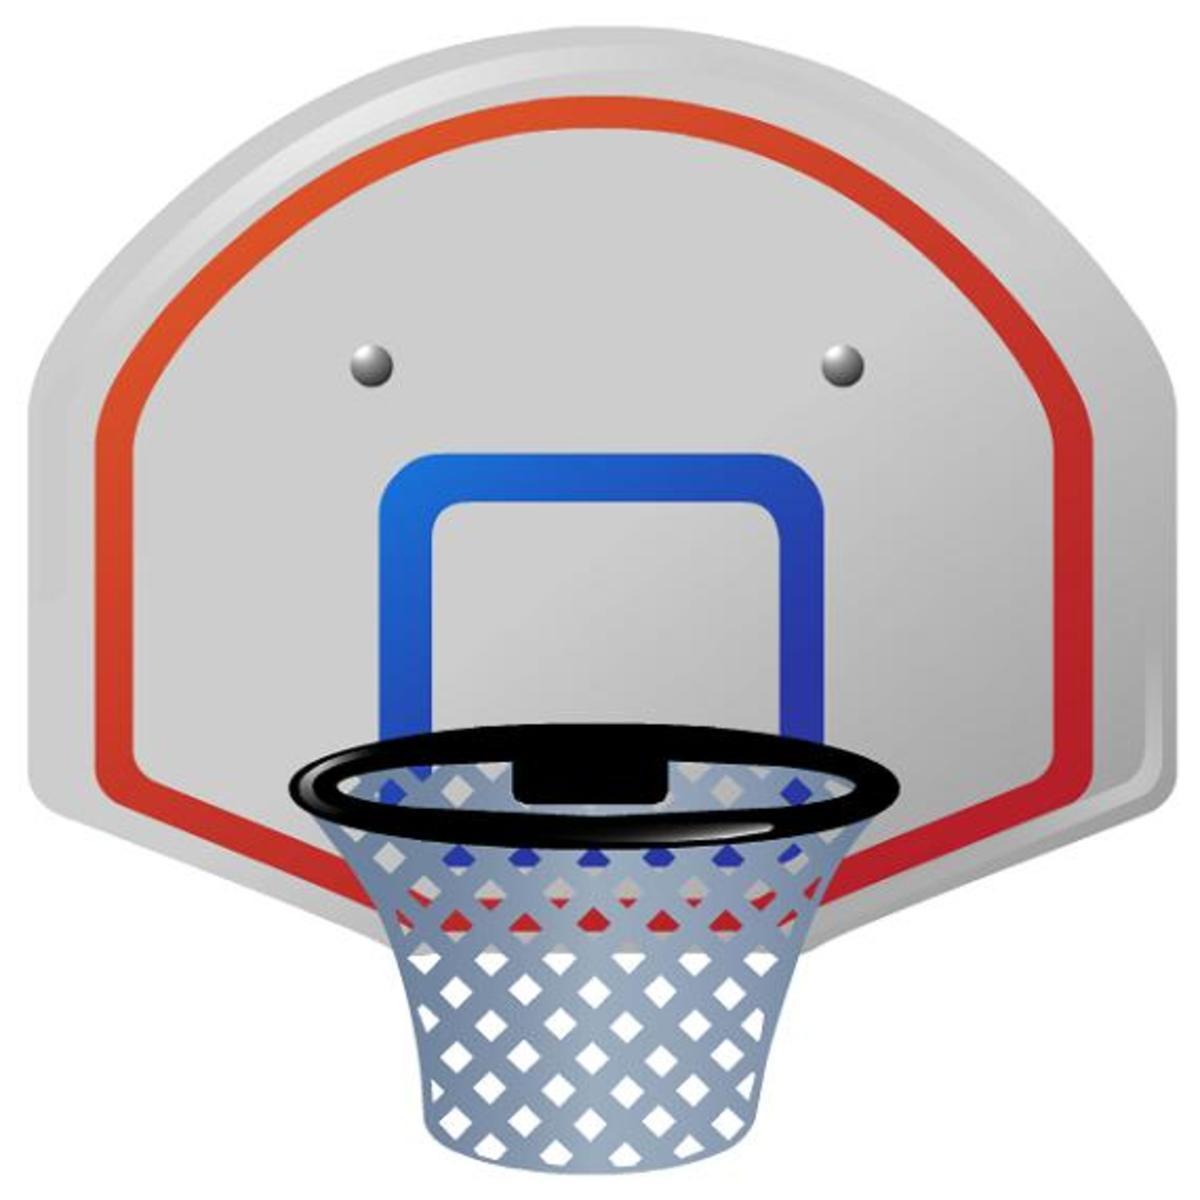 Basketball backboard clip art